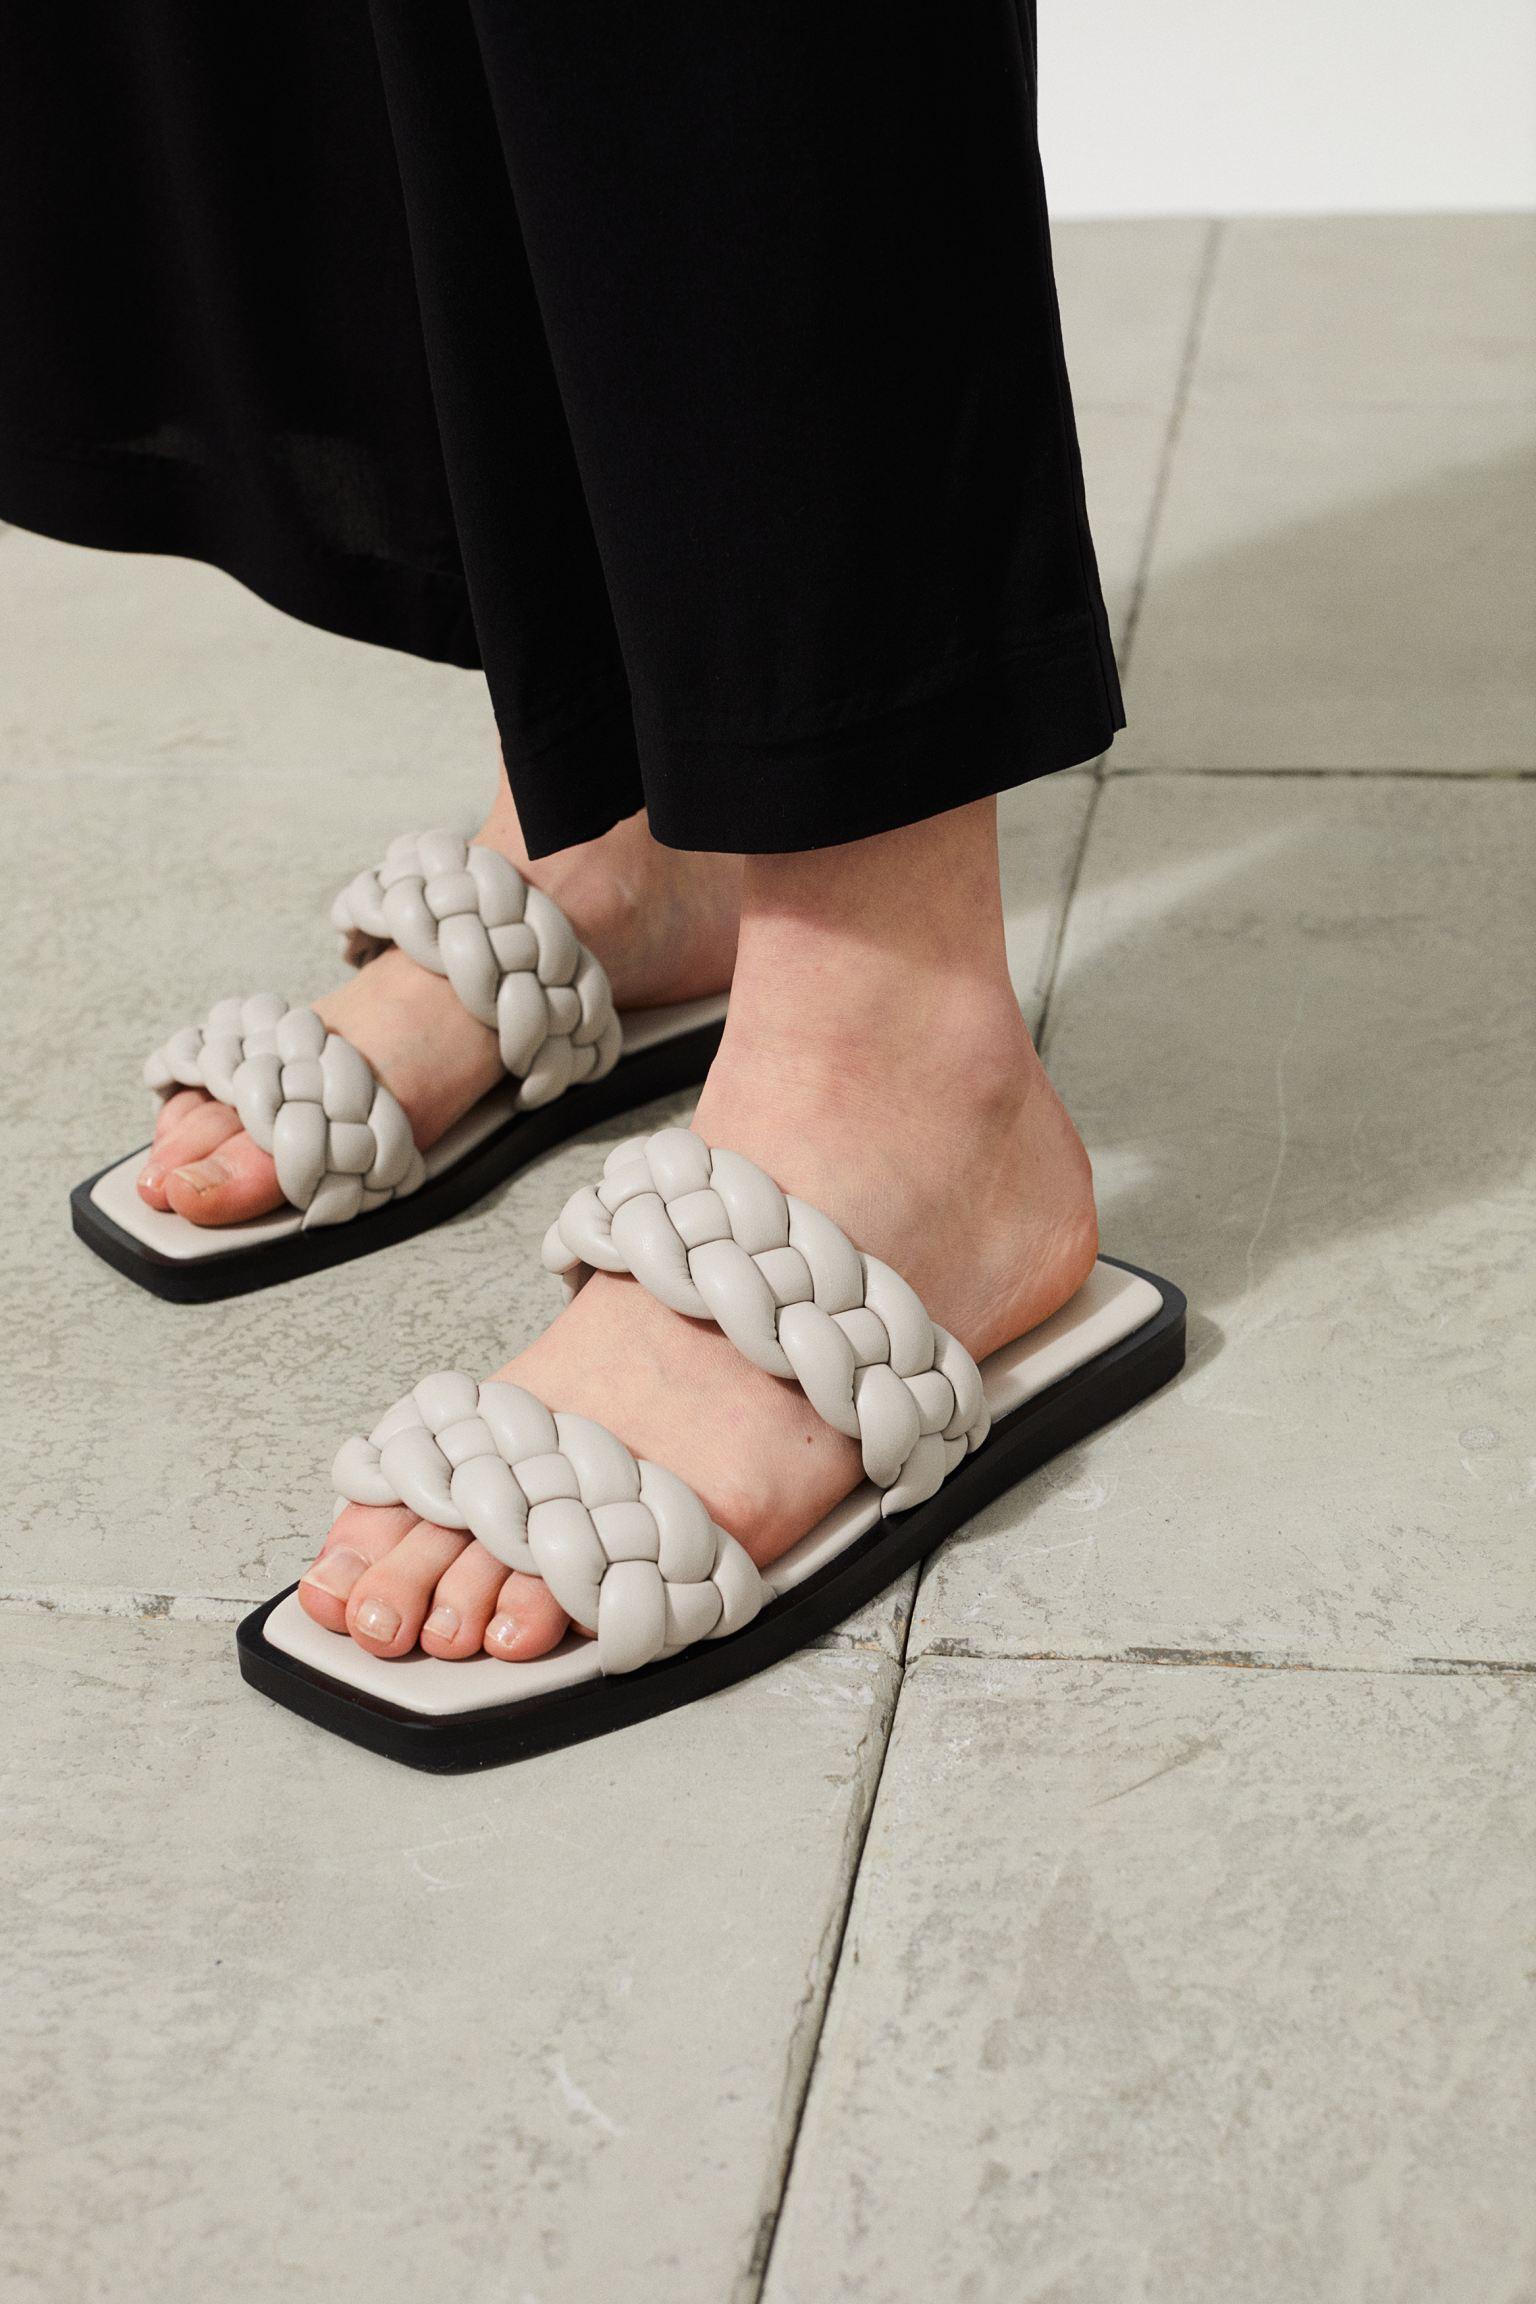 Sandalias en piel sintética con tiras trenzadas anchas y puntera abierta